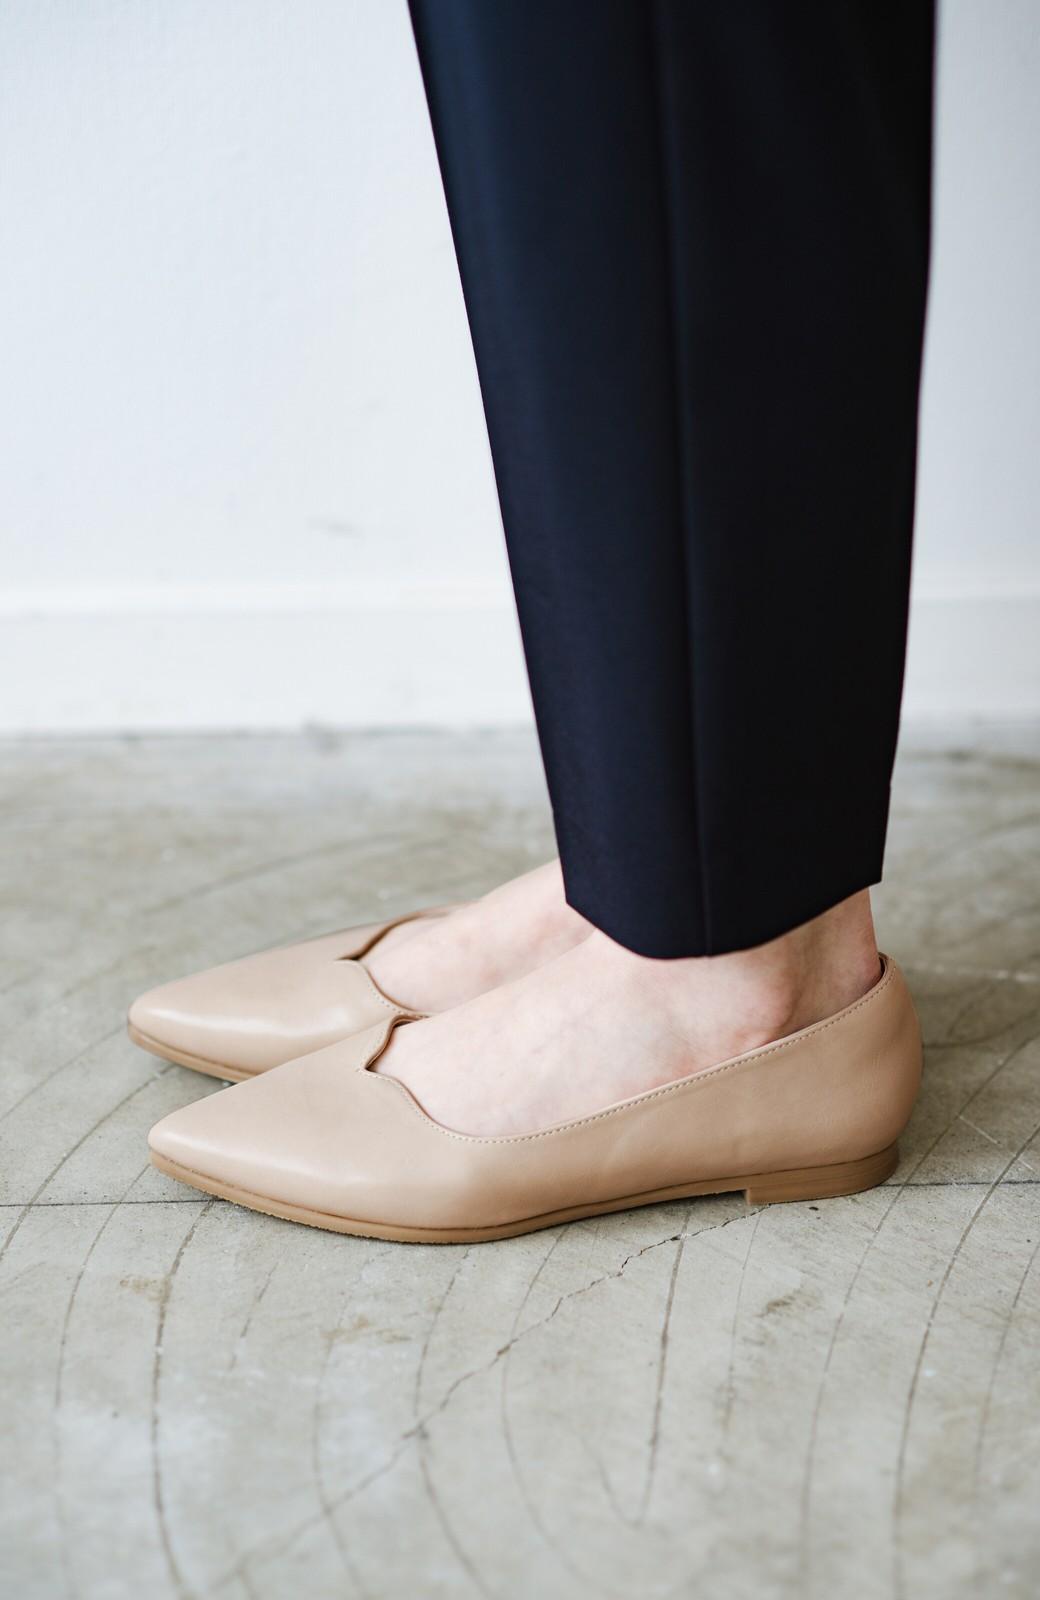 haco! 【防水】普段もお仕事も雨の日も!さっと履いて女っぽい Vカットが足をきれいに見せてくれるフラットパンプス <ベージュ>の商品写真6